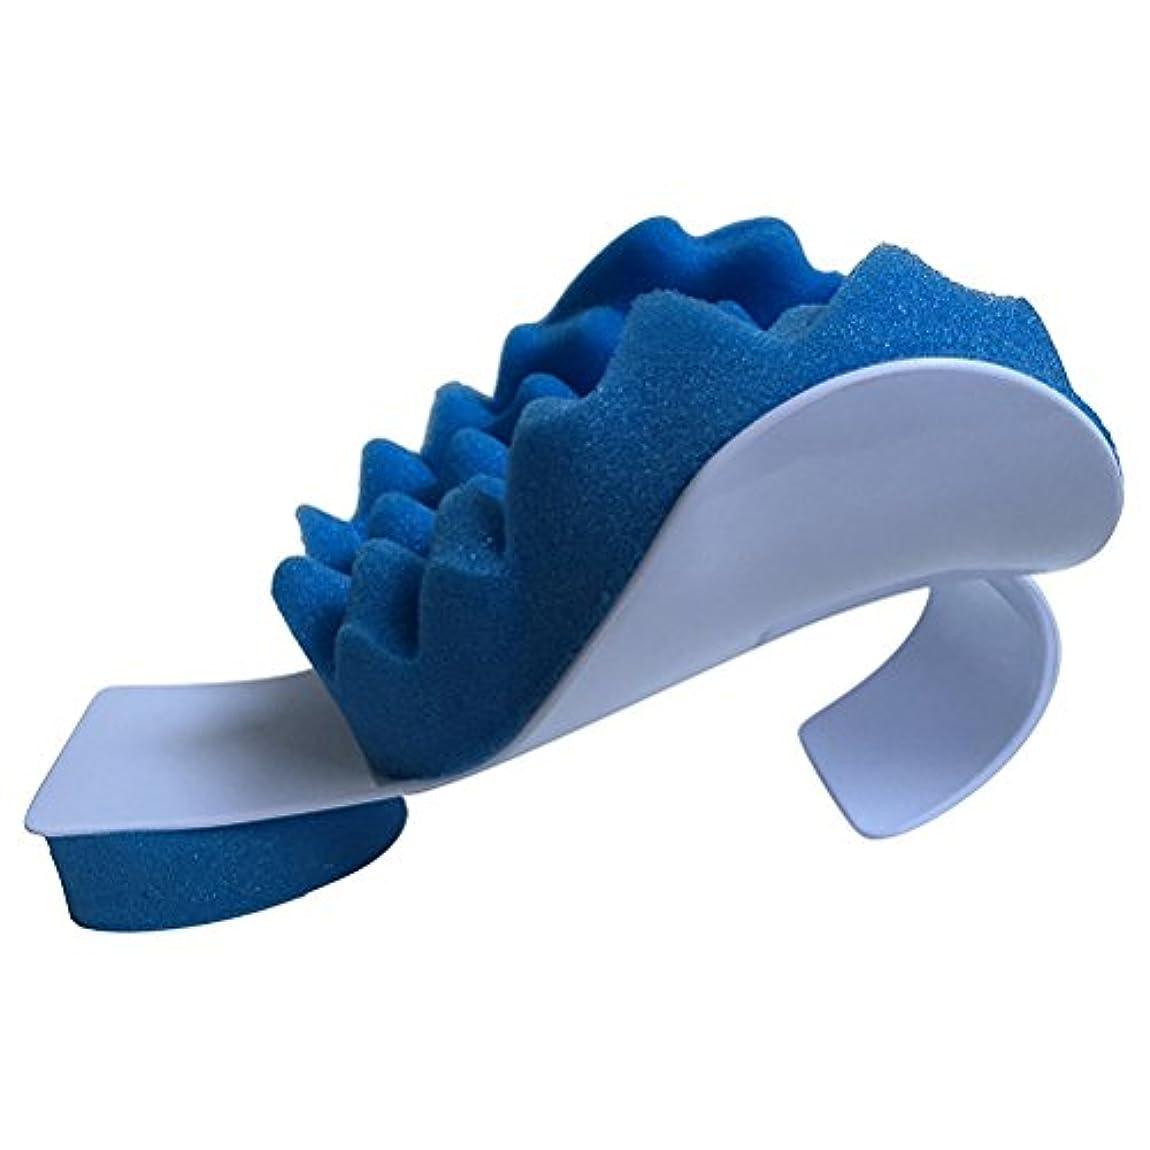 視力有害酸化物ROSENICE 痛み緩和のための首と肩のリラクサー枕リラクサーマッサージ牽引ピロー